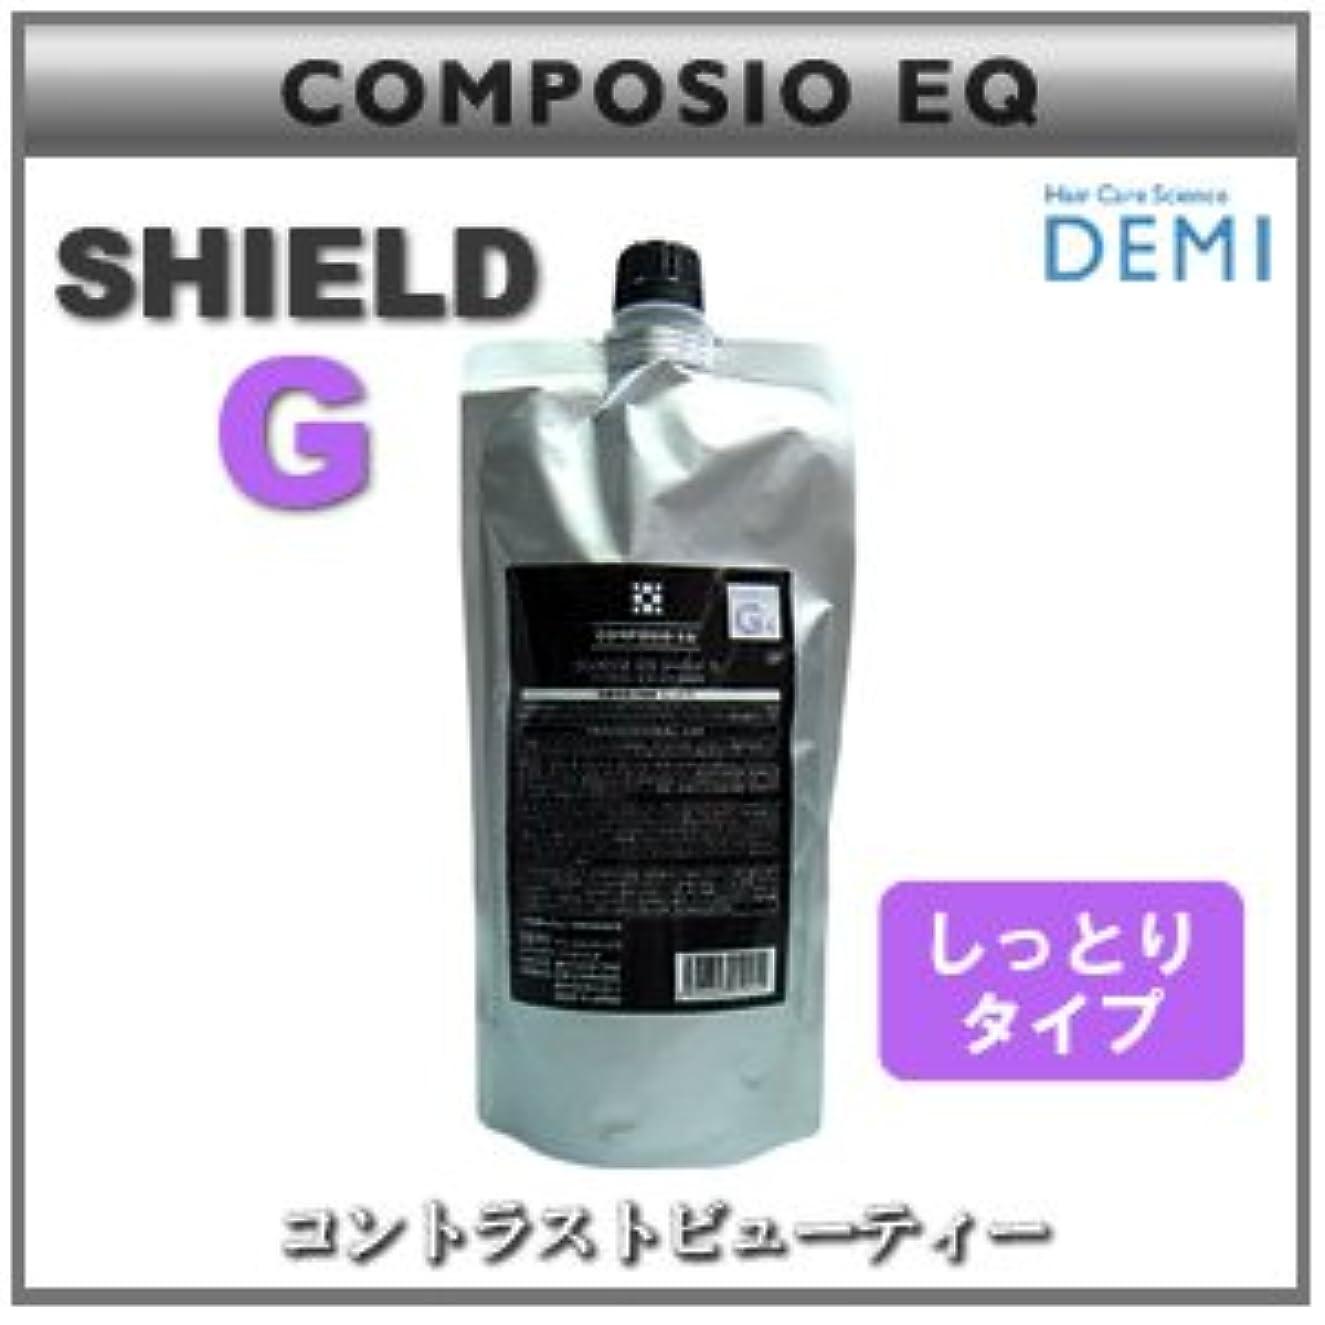 ジャンプする心臓必要条件【X5個セット】 デミ コンポジオ EQ シールド G 450g